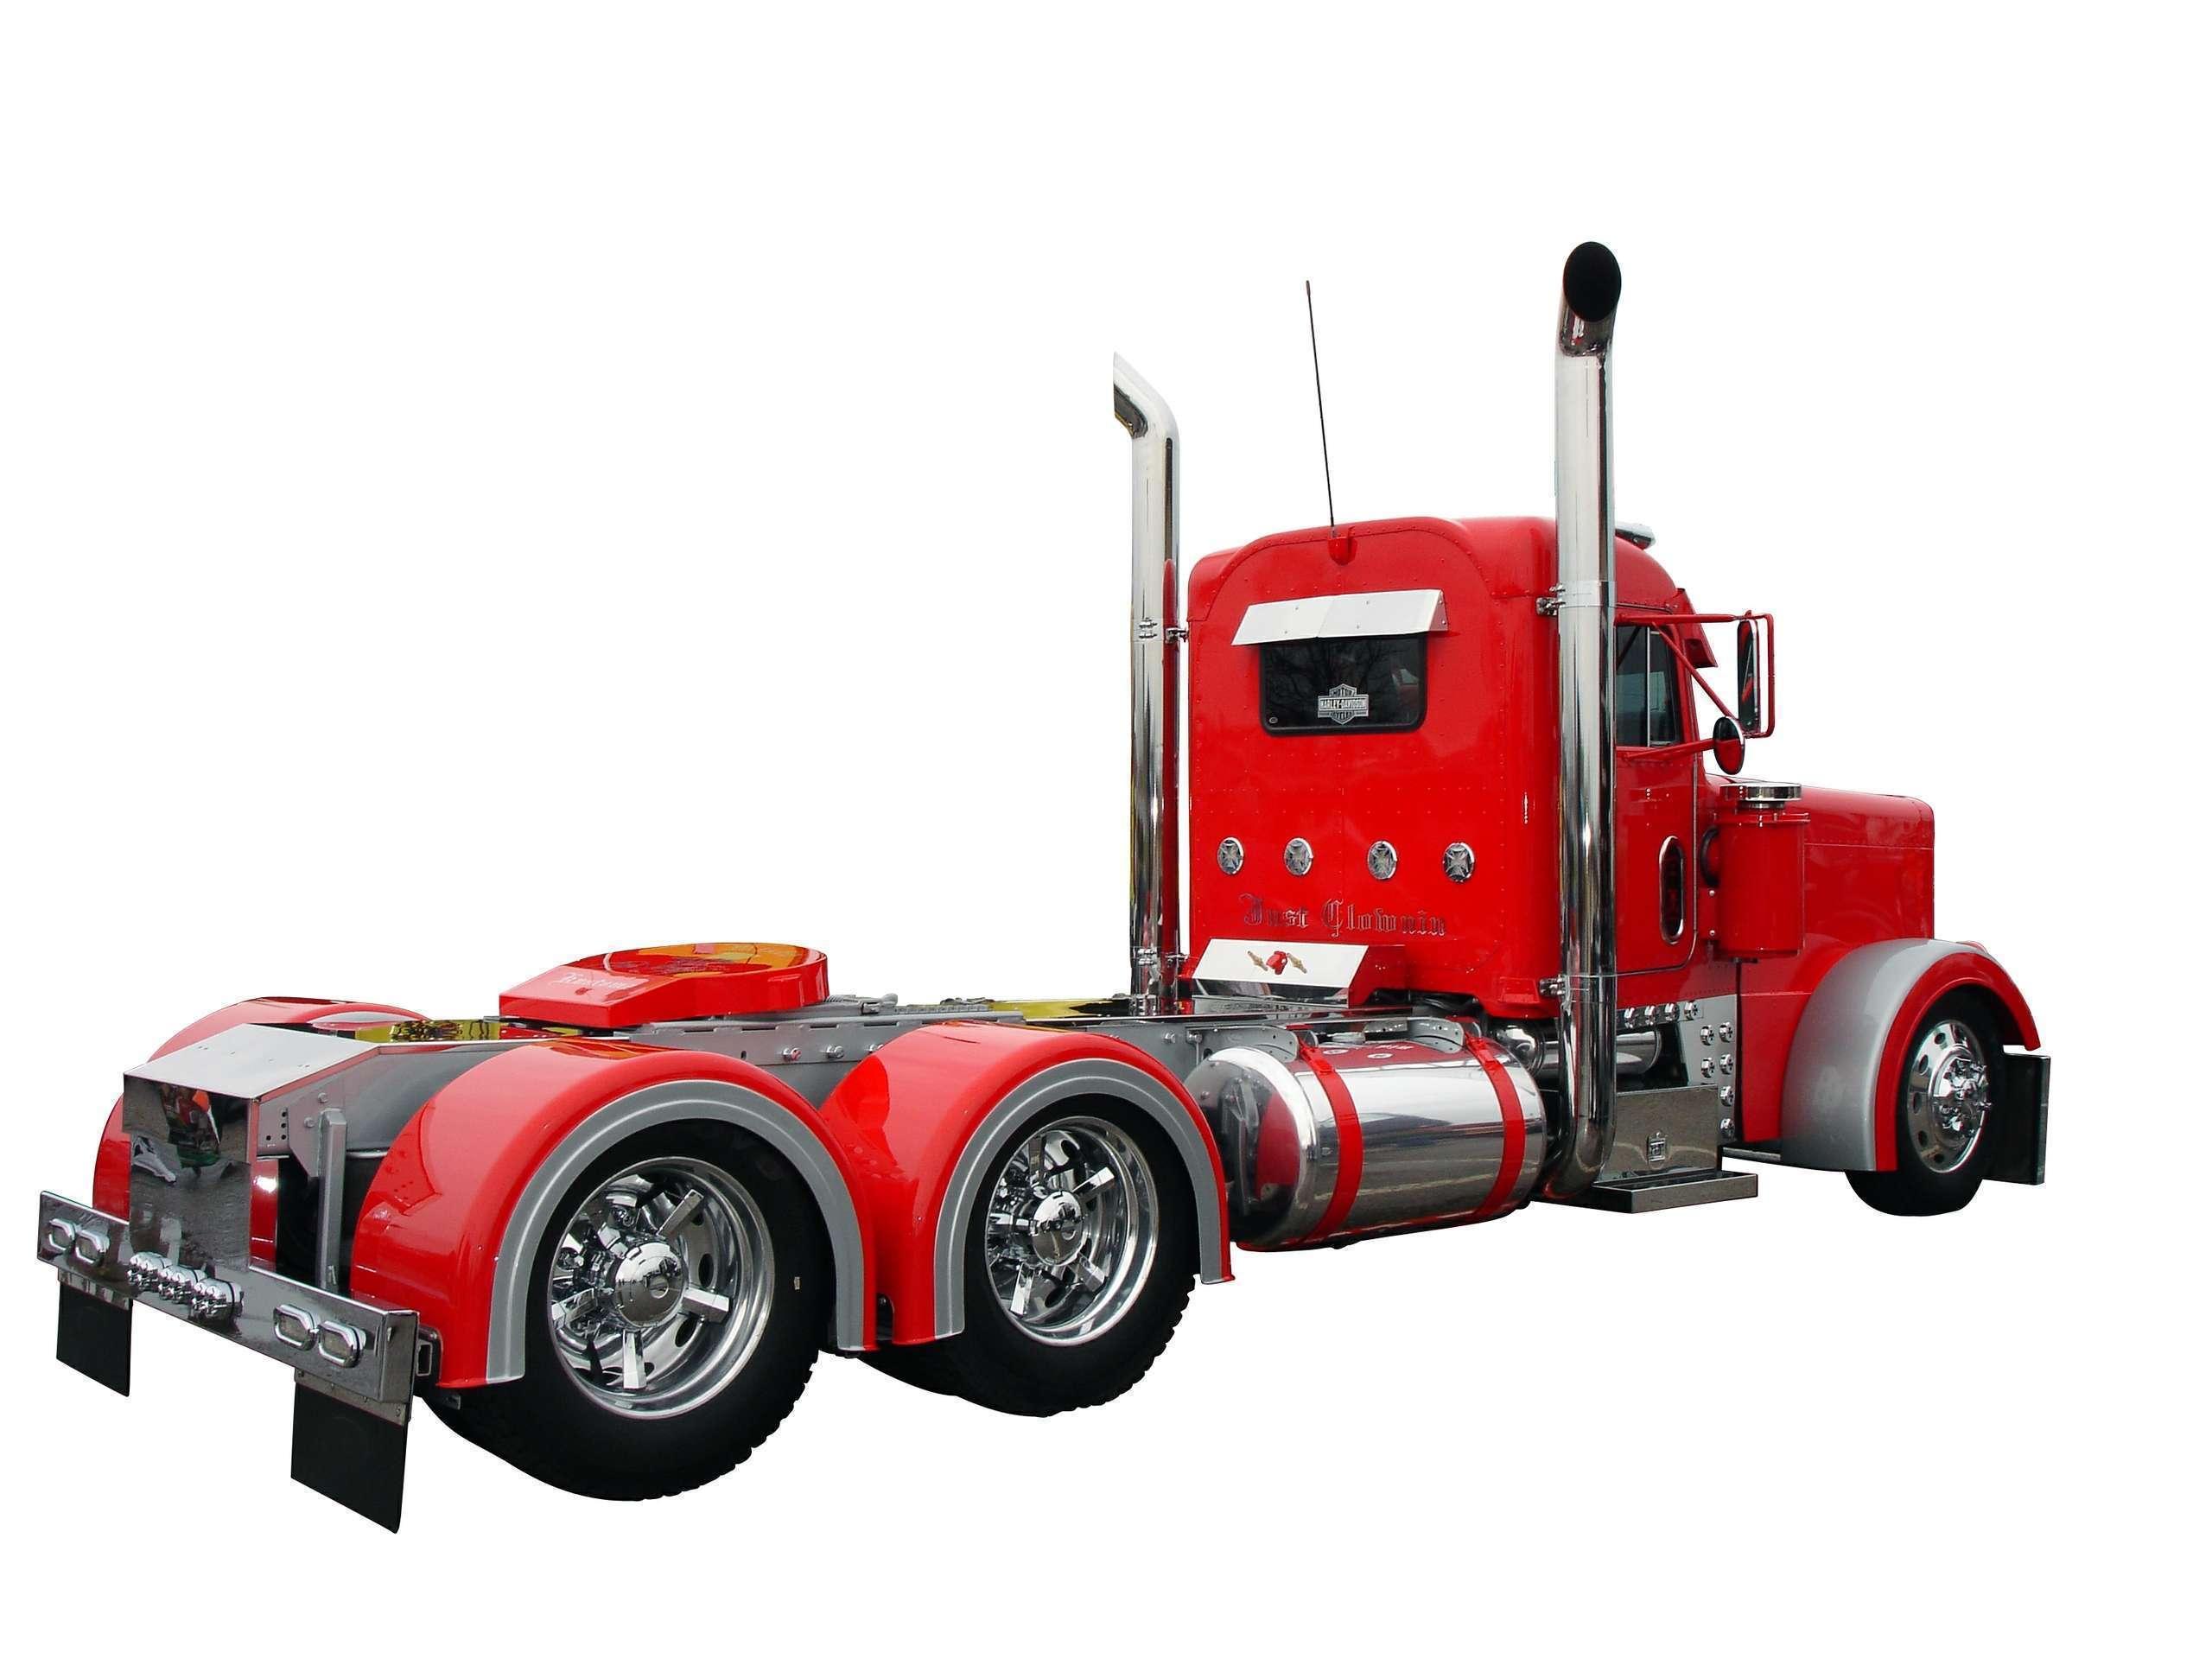 Semi Truck Wallpaper Hd Car Wallpapers 2560x1920